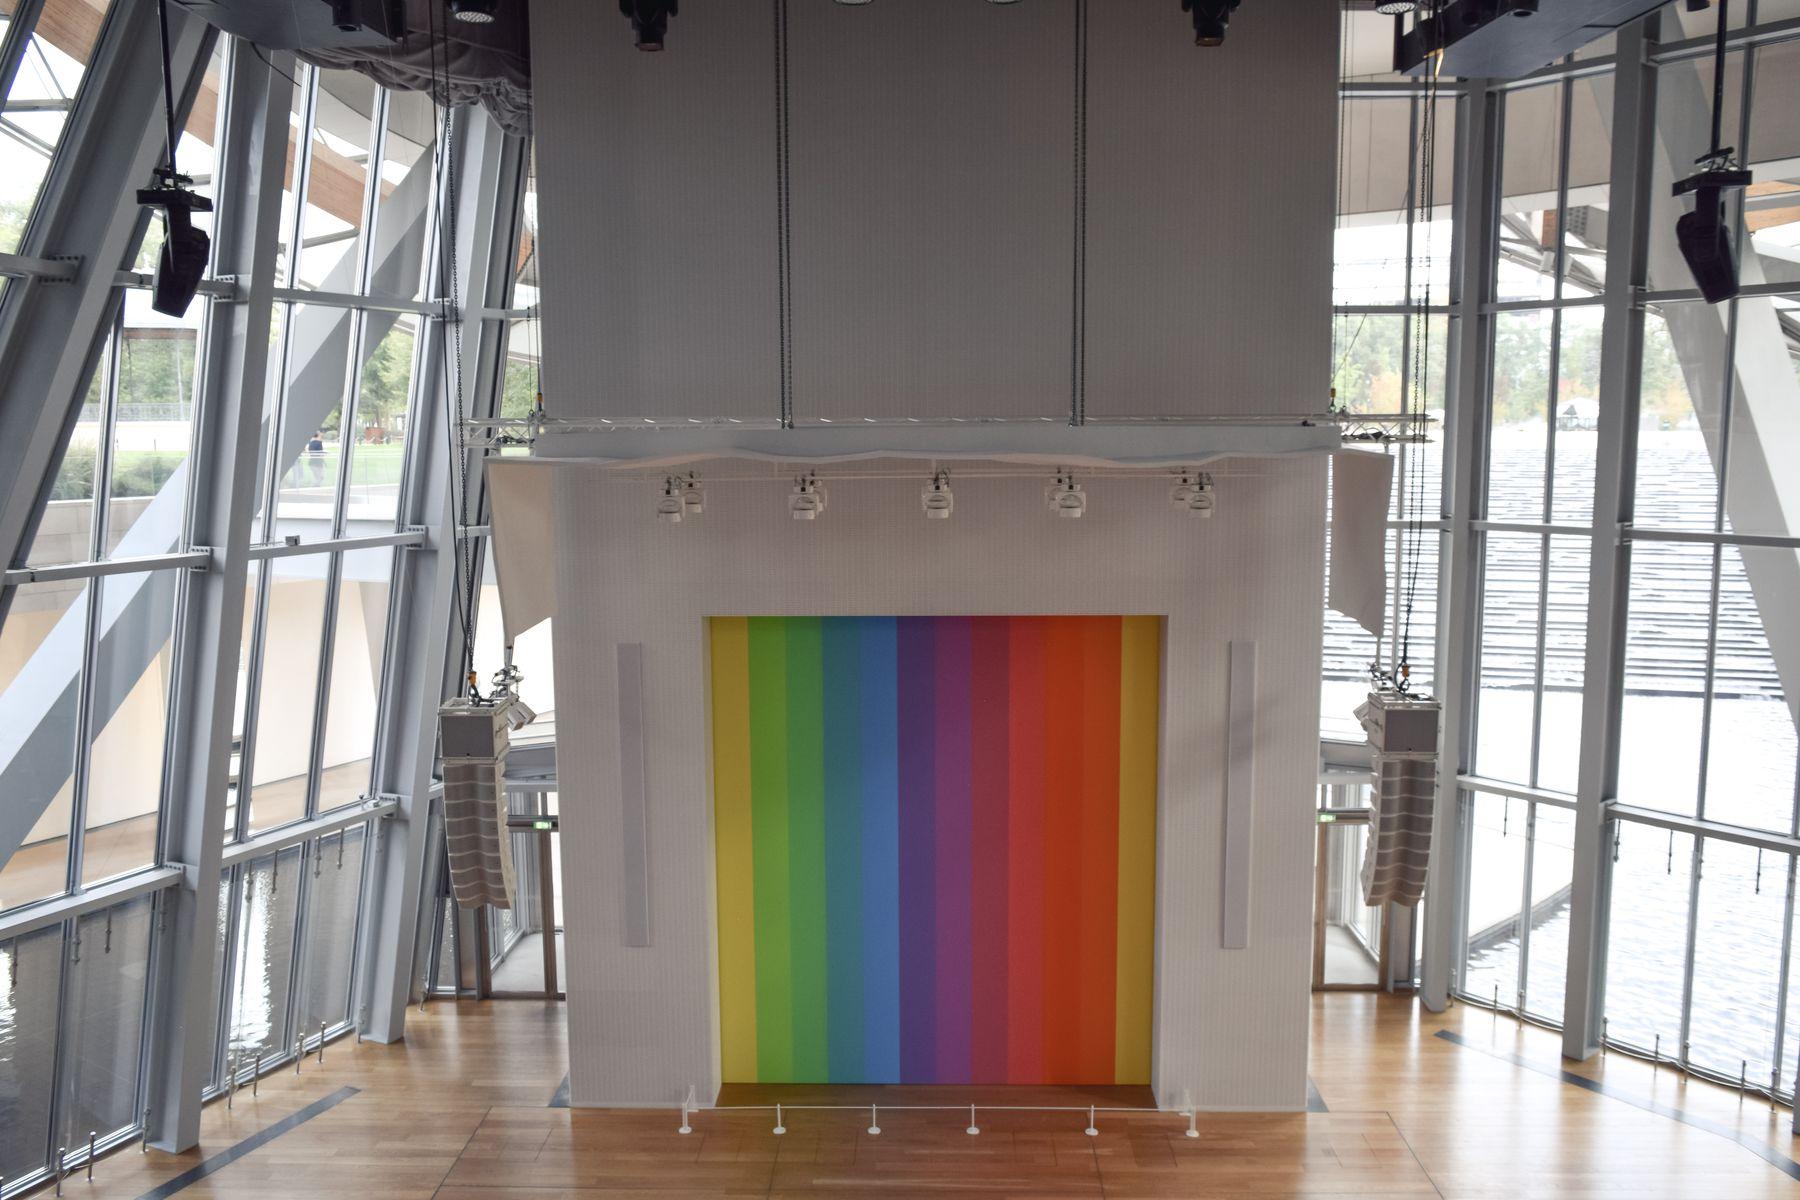 Ellsworth Kelly, Fondation Louis Vuitton, Paris, France